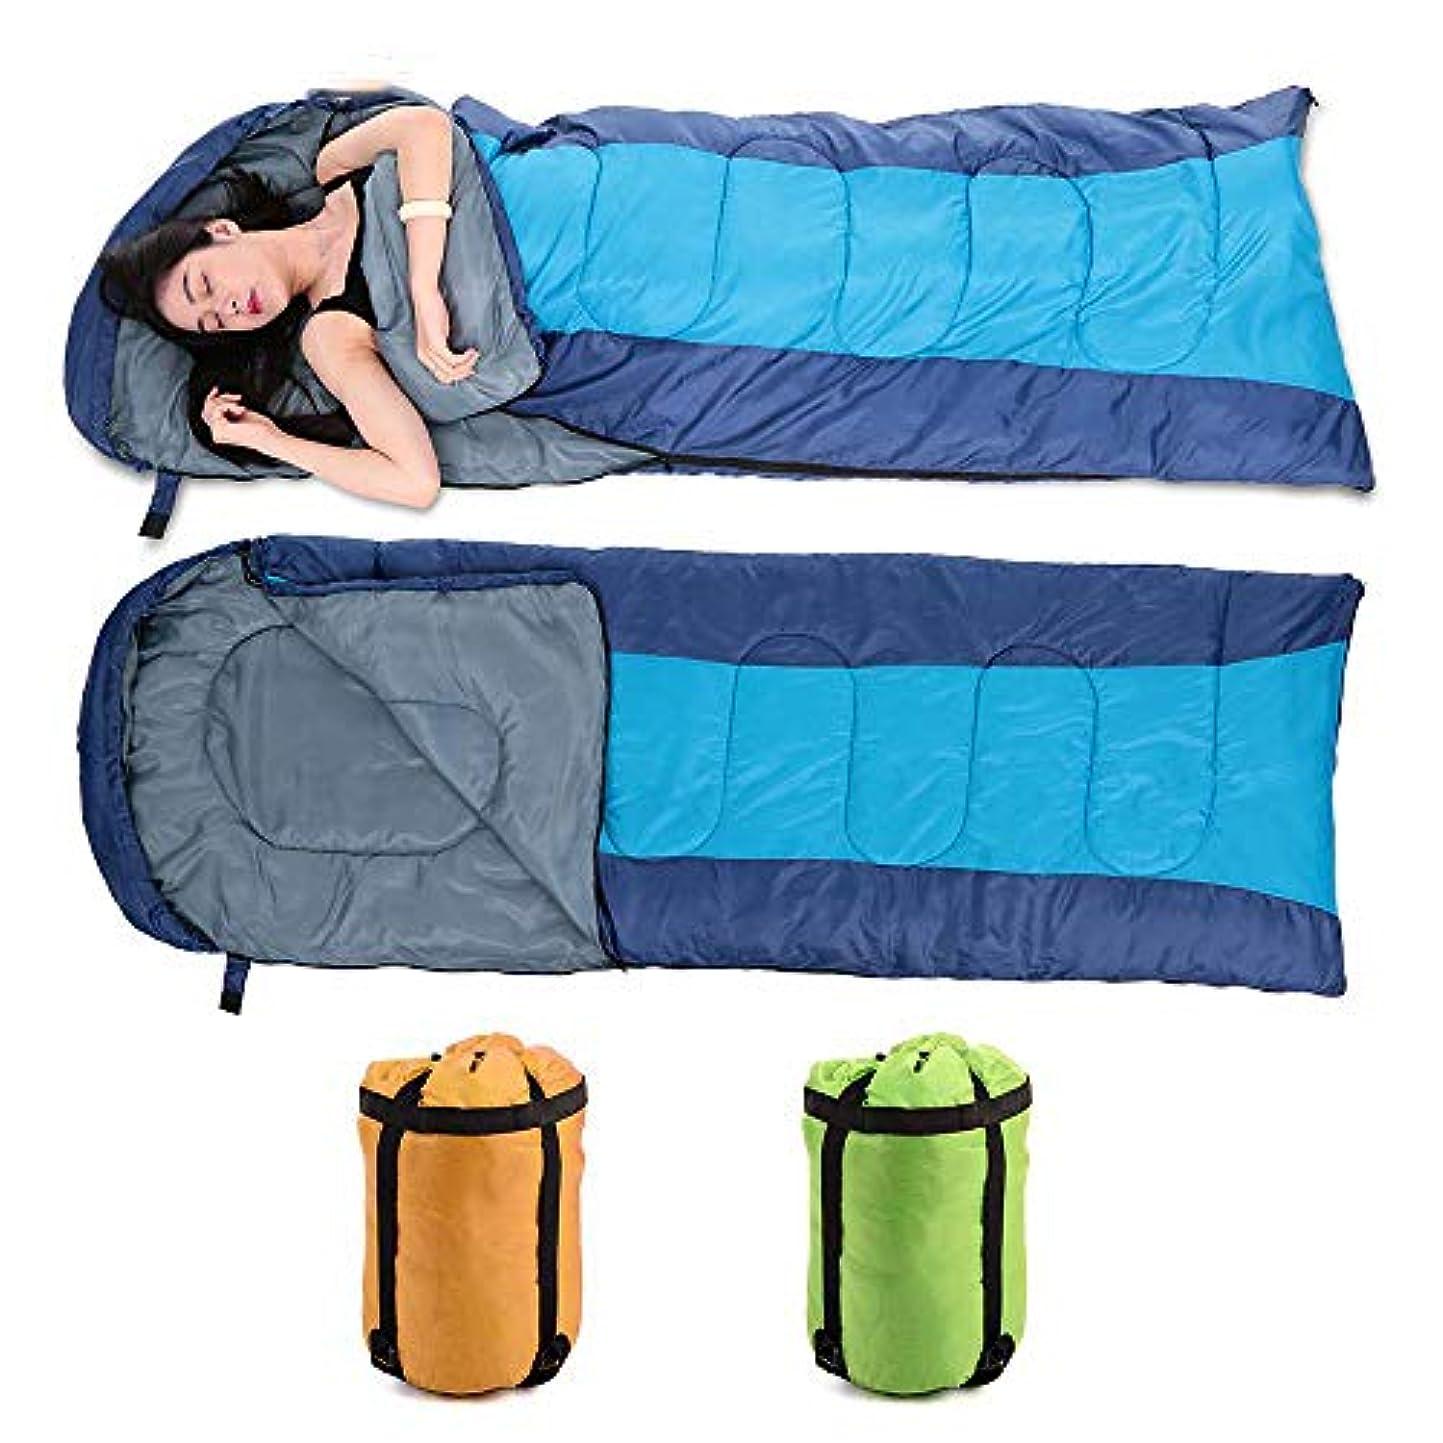 一人で放散するスケジュールWJNKGHG (190 30) 75cm 封筒 寝袋 キャンプ 旅行 ハイキング 多機能 1.5kg 保温 大人用 アウトドア フード付き 収納袋